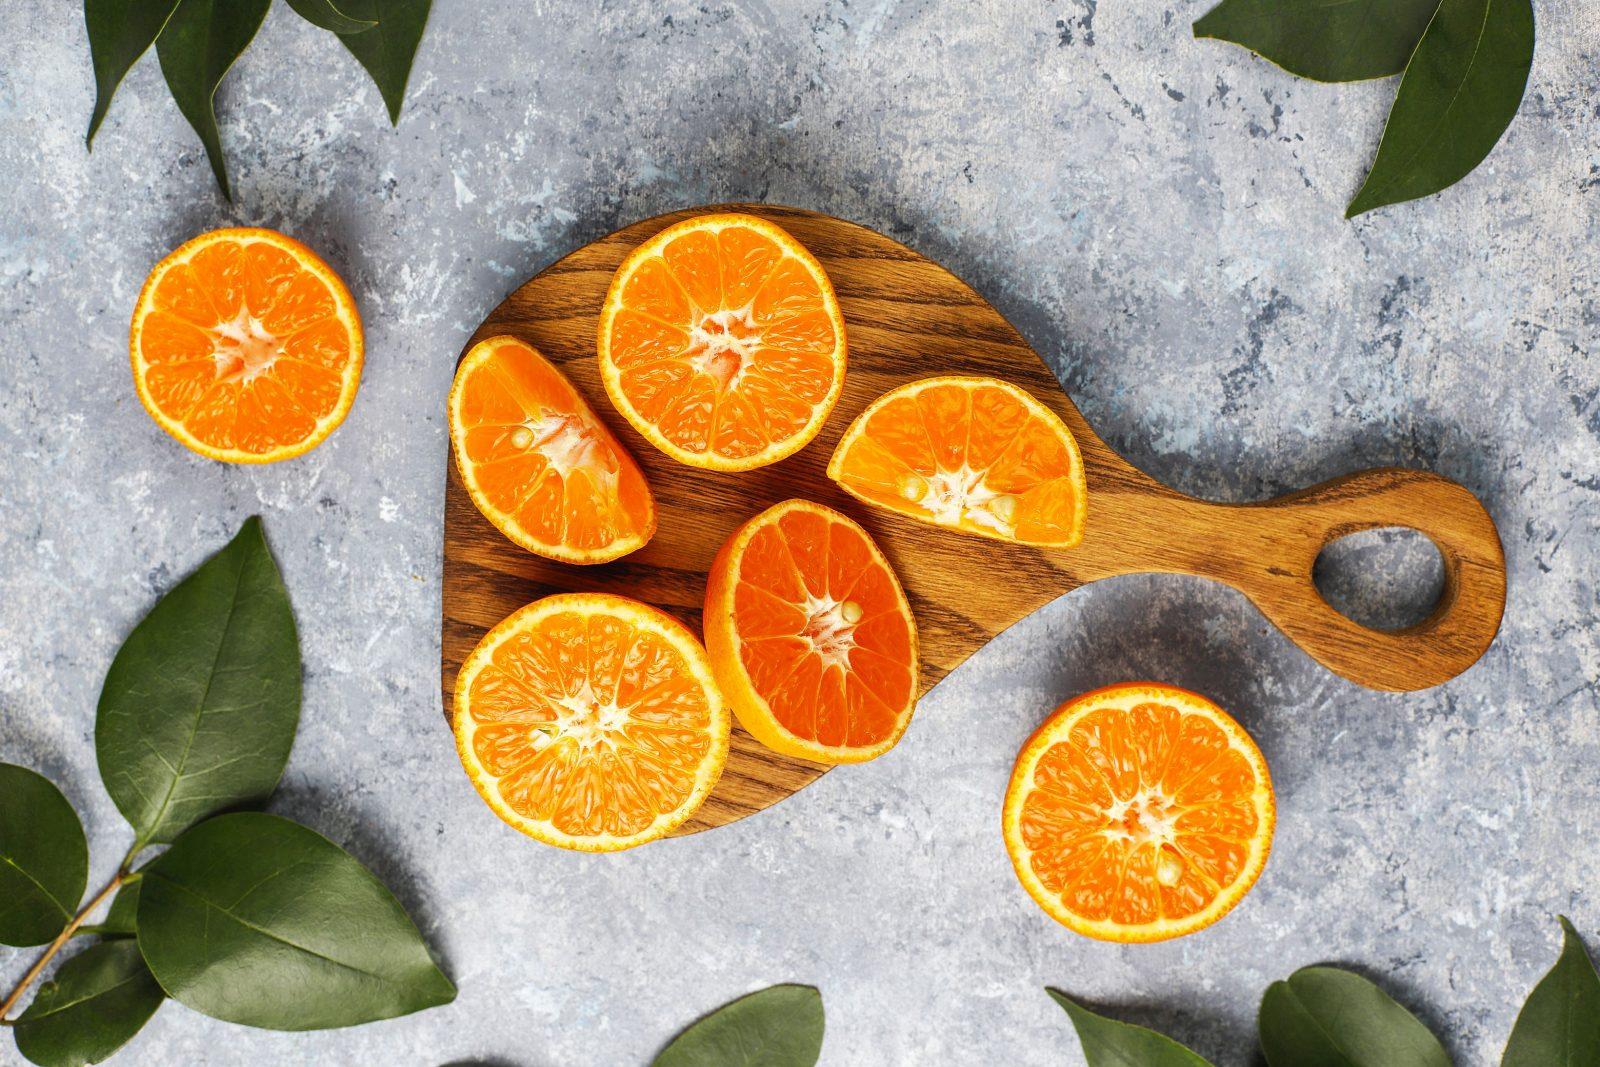 Nước cam ép có tốt cho táo bón? - Ảnh 1